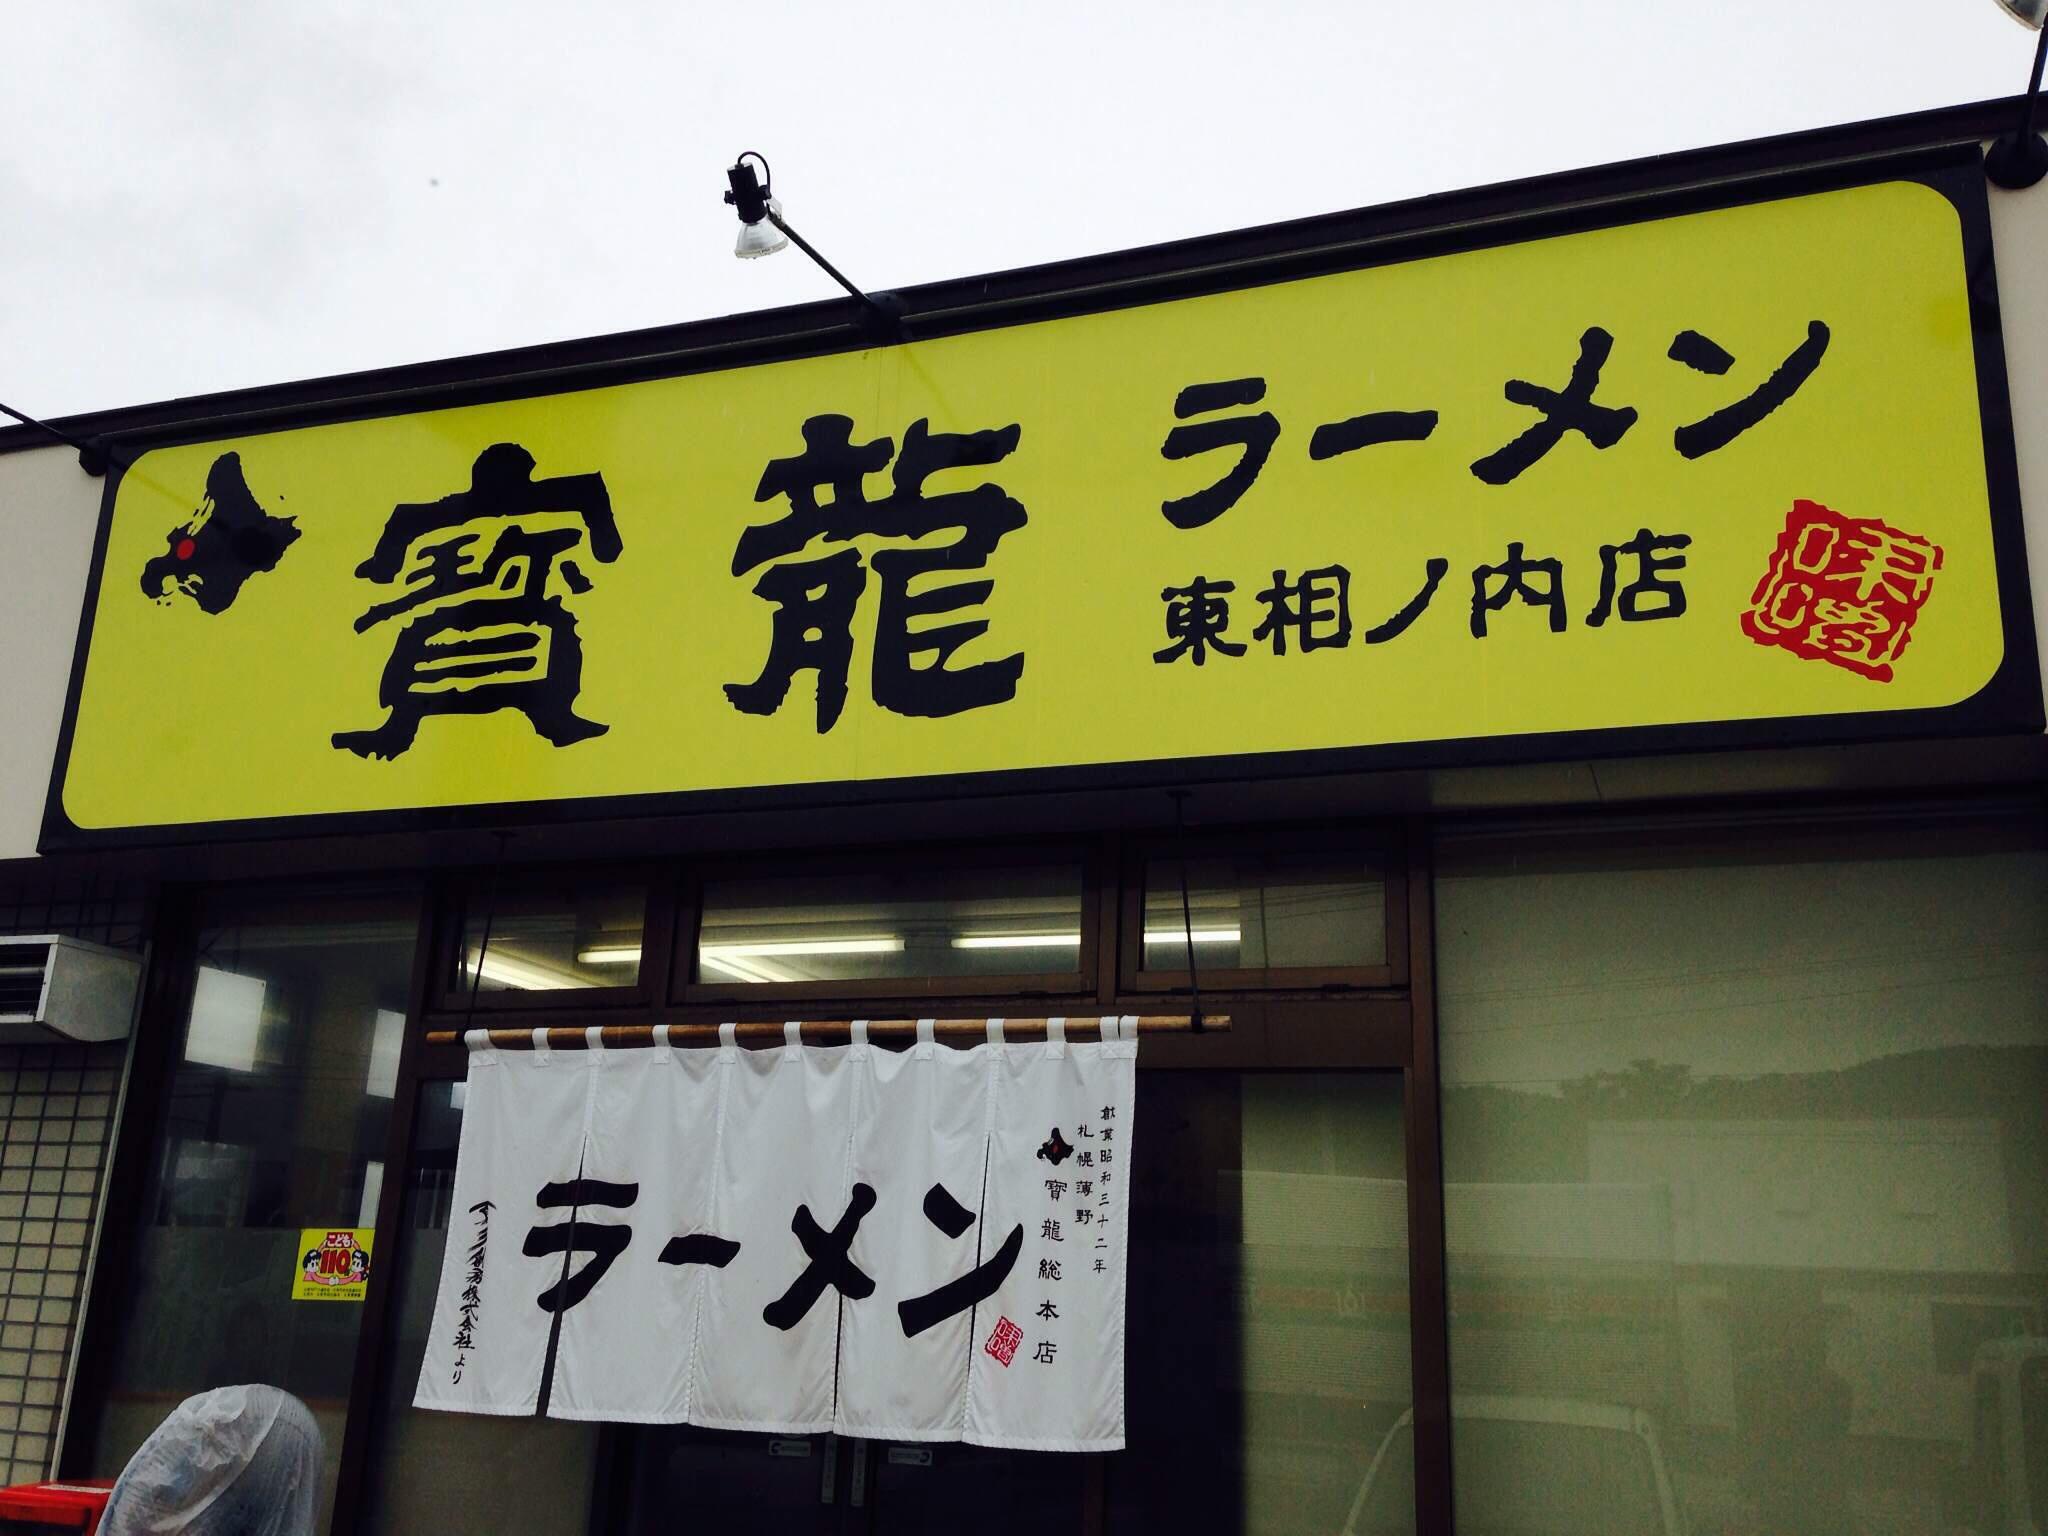 ラーメンの寶龍 東相内店 (ホウリュウ)